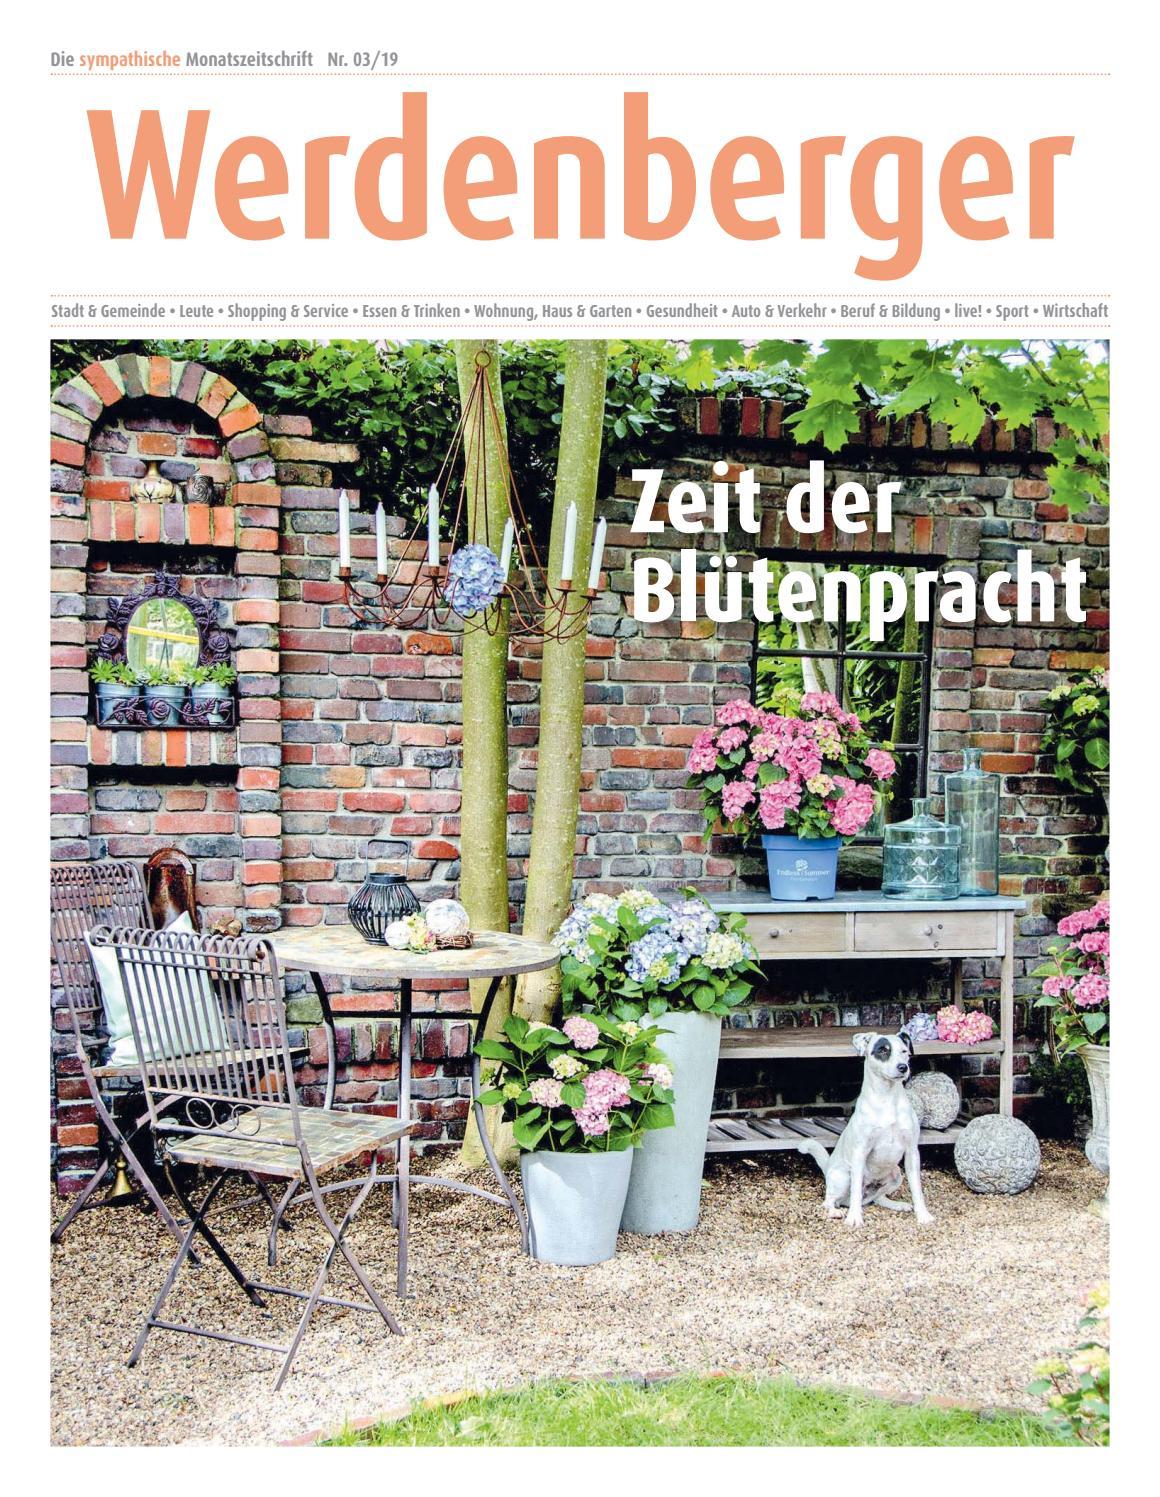 Gartengestaltung Mit Holzkisten Elegant Werdenberger Nr 3 19 April 2019 by Lie Monat issuu